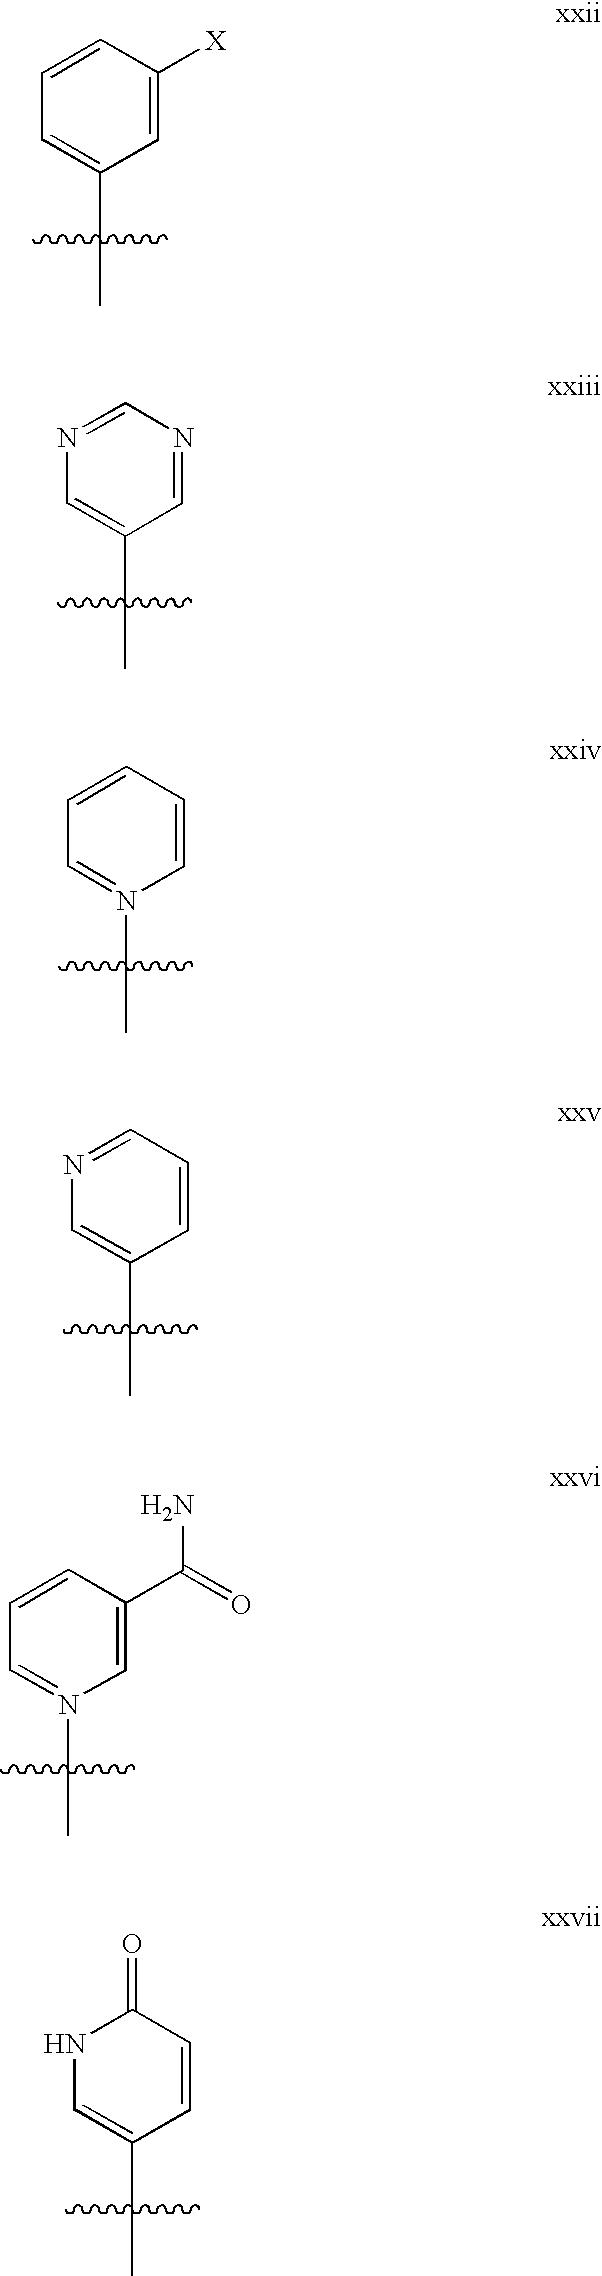 Figure US08242171-20120814-C00032